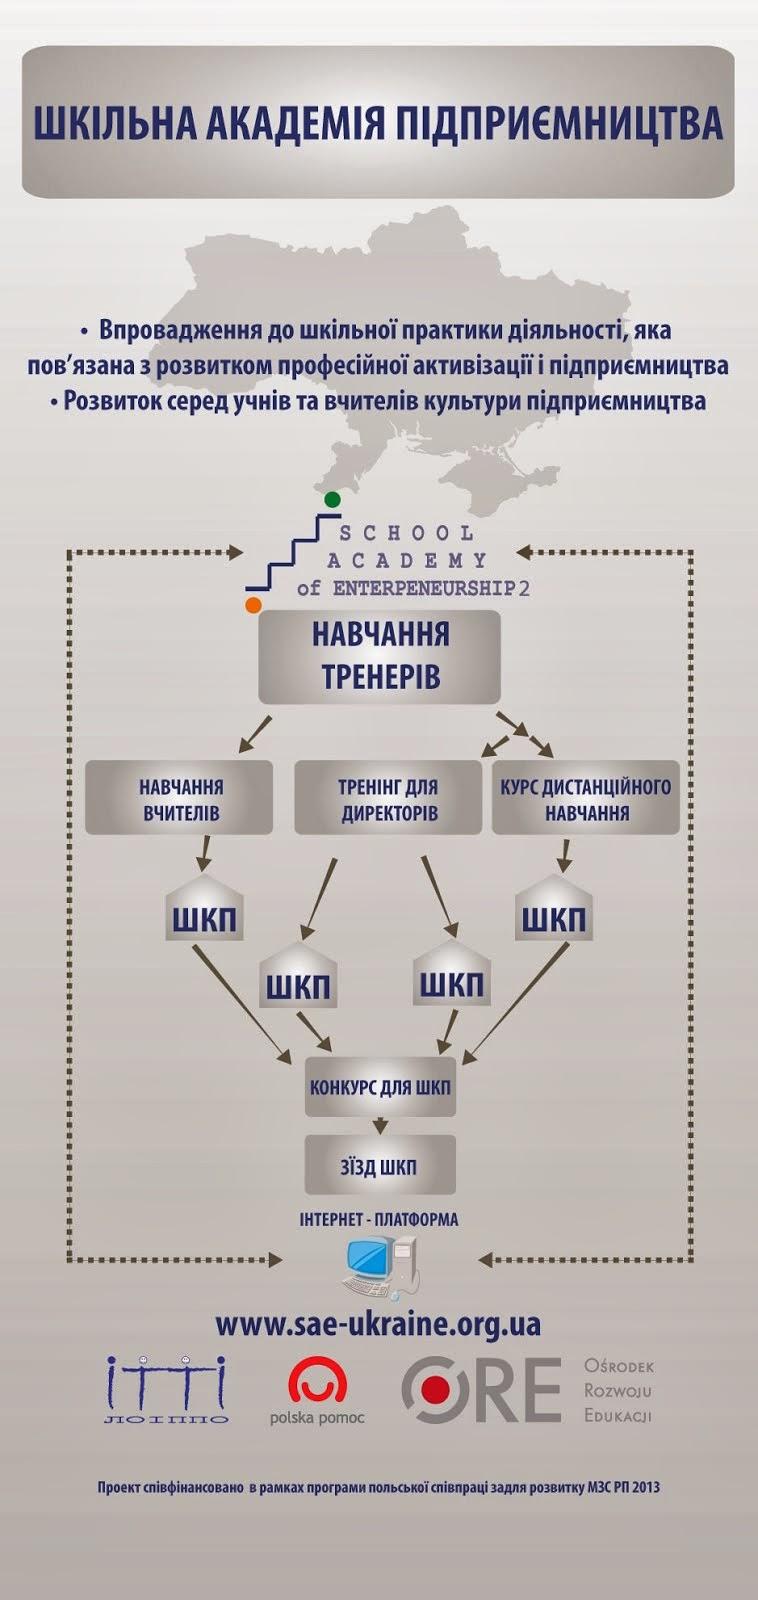 Структура проекту